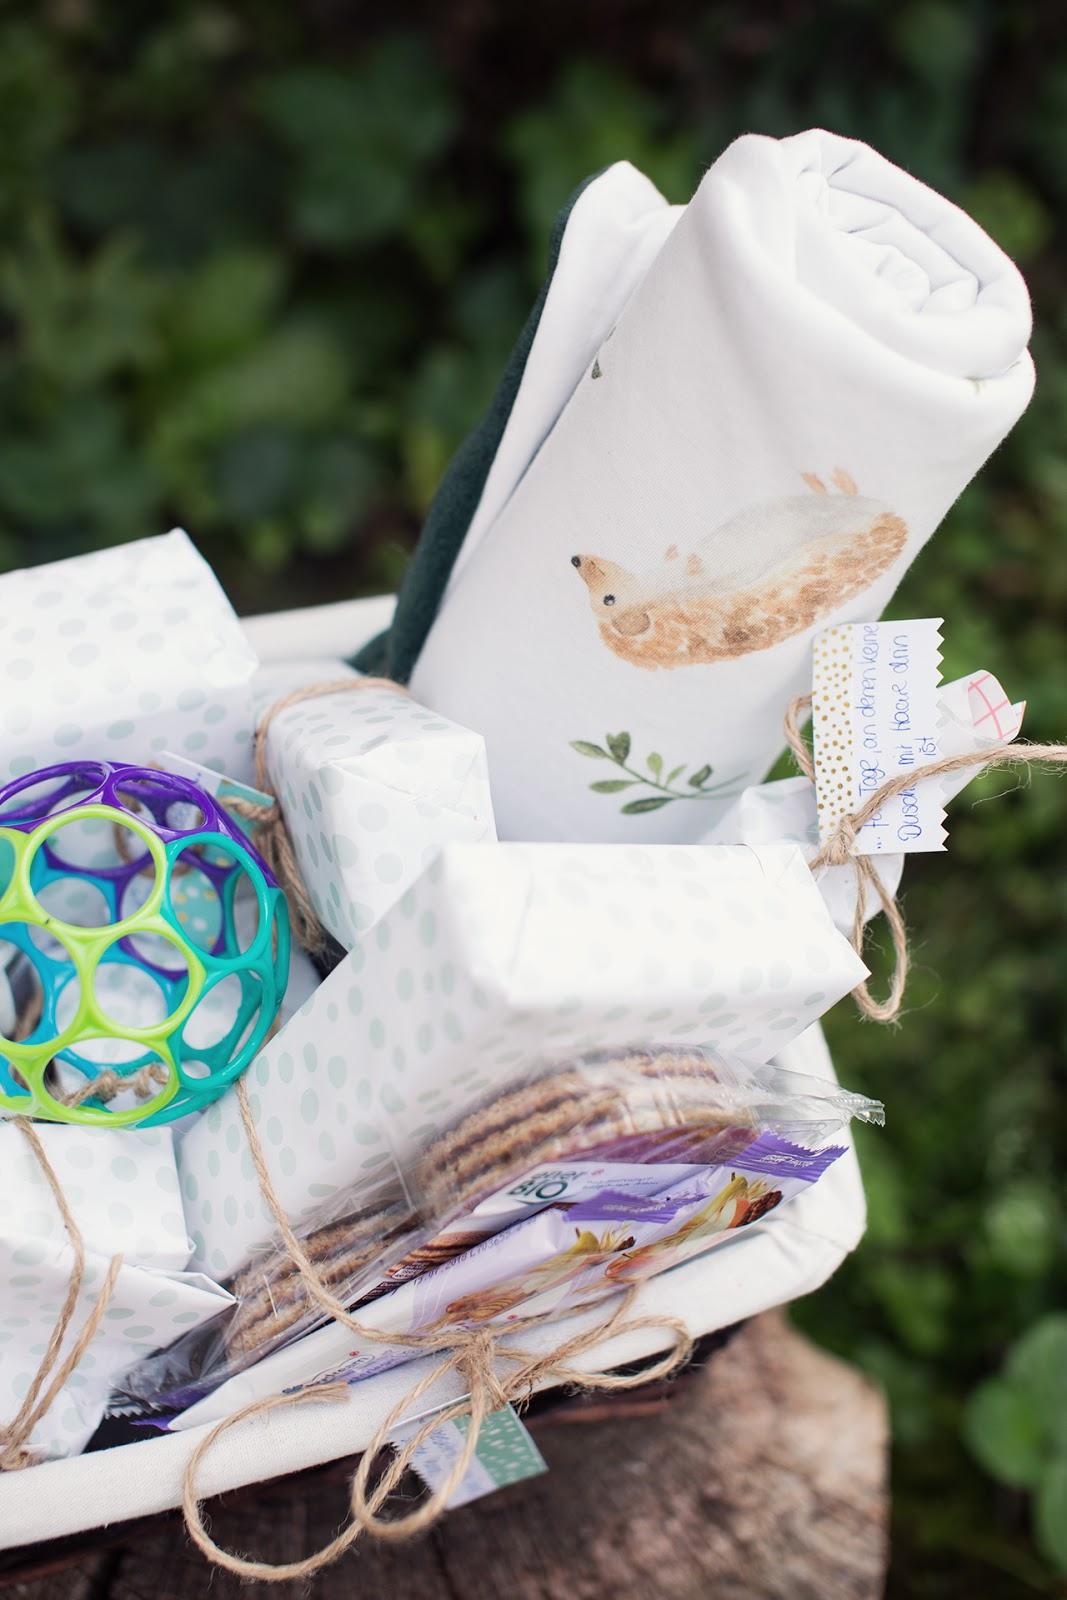 Inlovewith Geschenkidee Zur Geburt Baby Survival Kit Mit